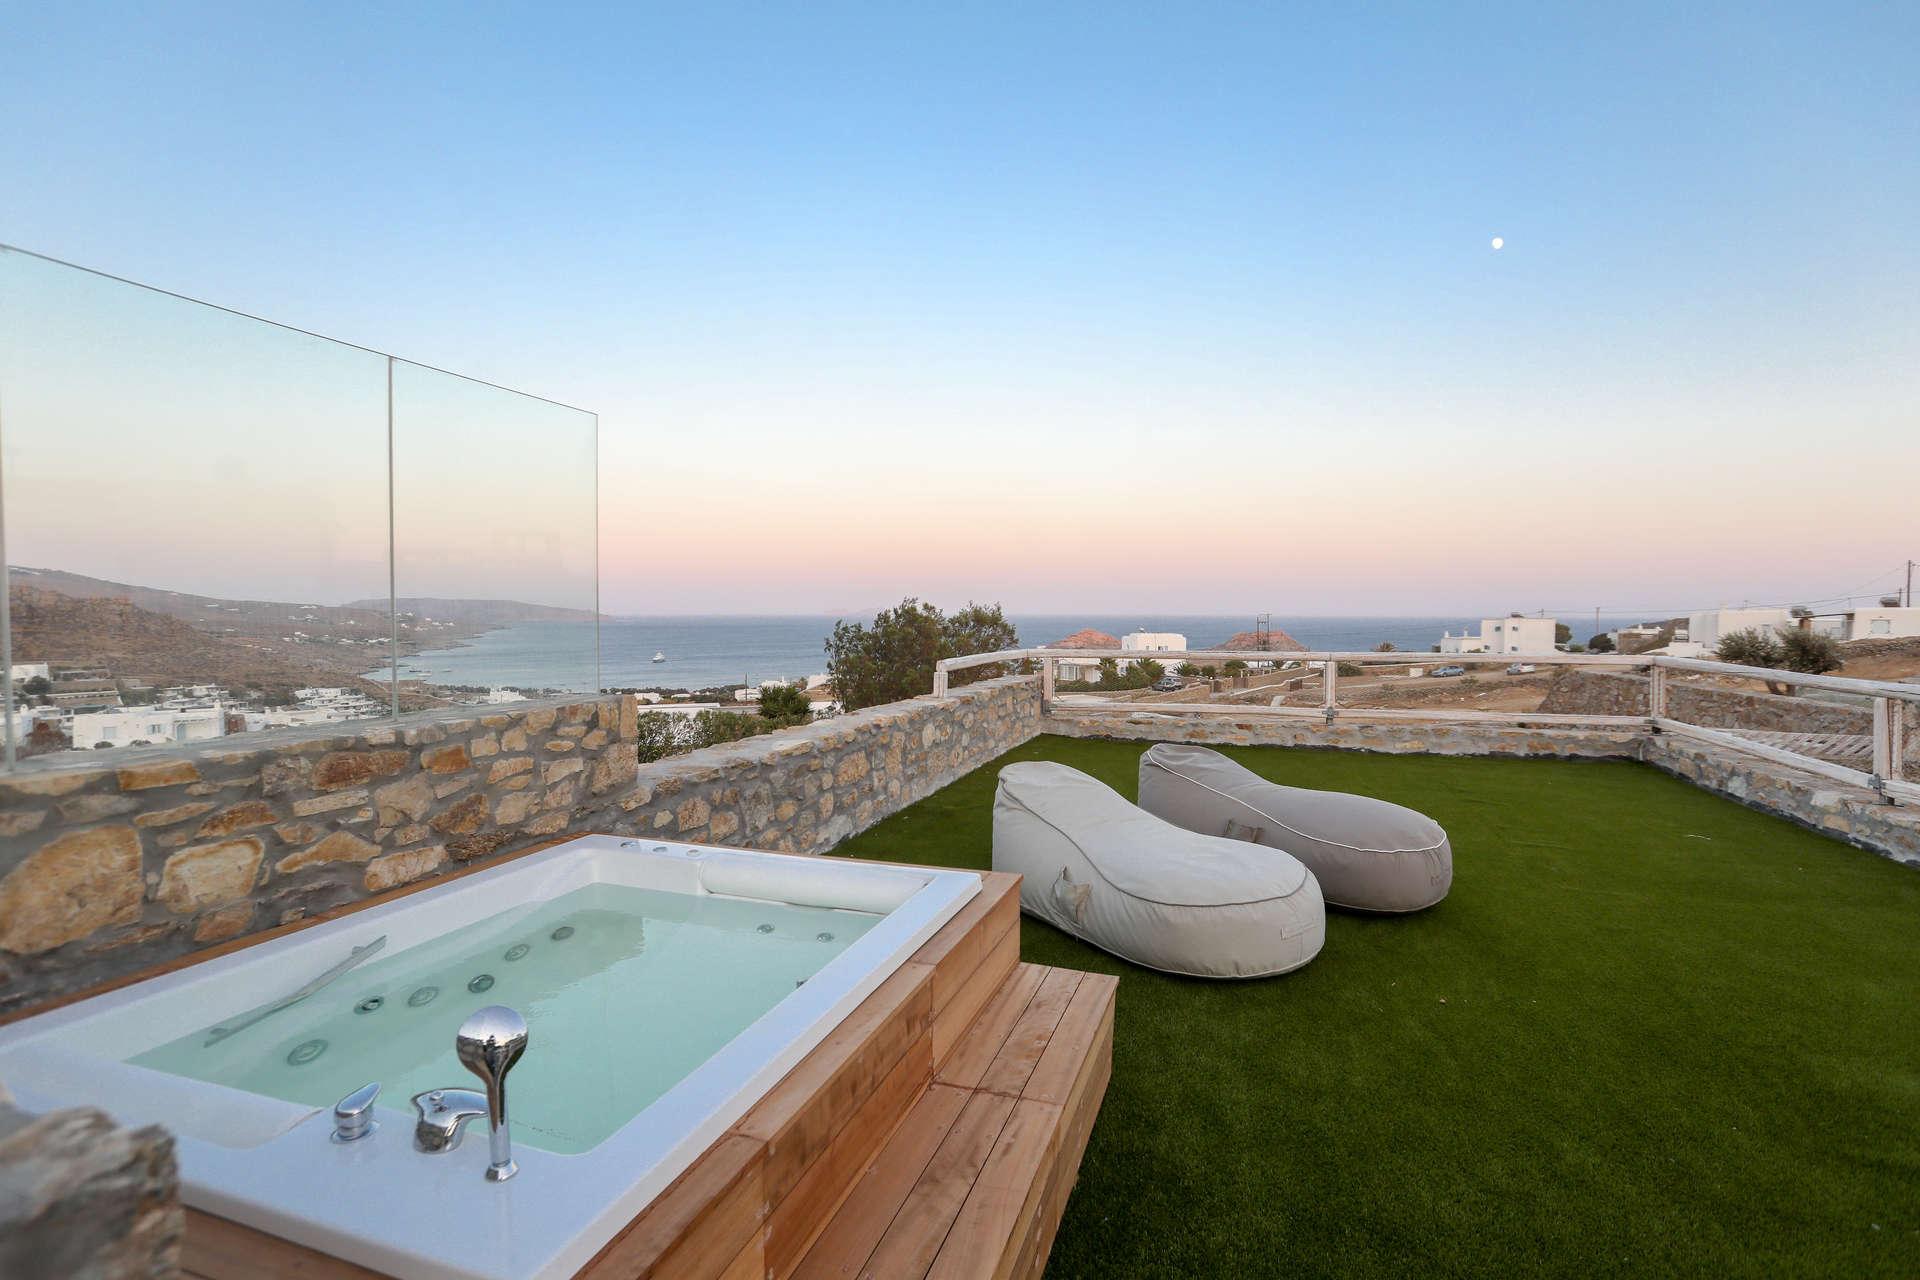 Luxury vacation rentals europe - Greece - Mykonos - Kalafatis - Anthi House - Image 1/10